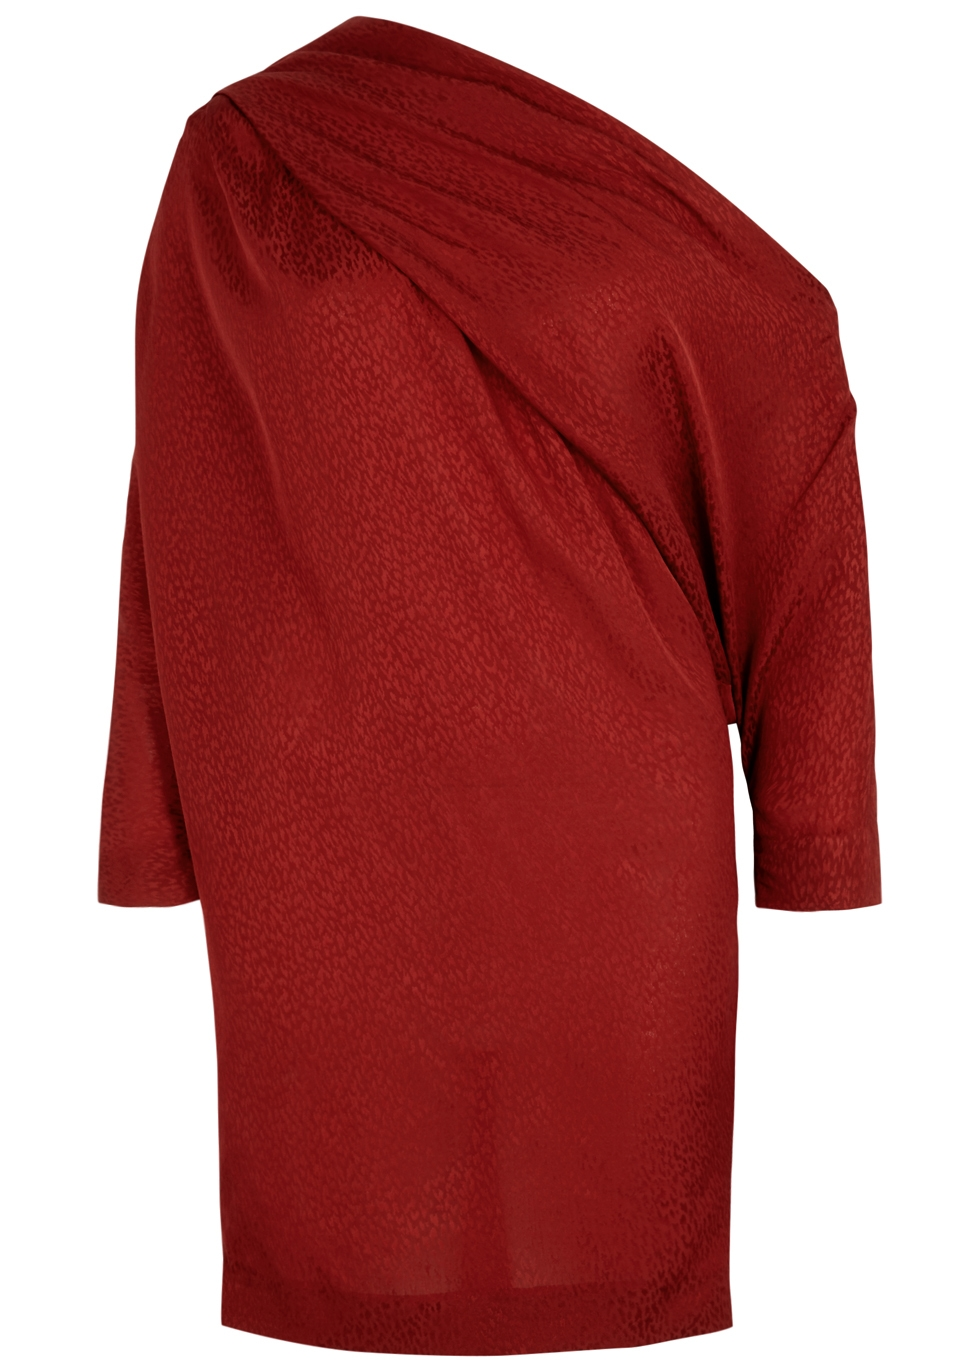 CARMEN MARCH RED LEOPARD-JACQUARD MINI DRESS